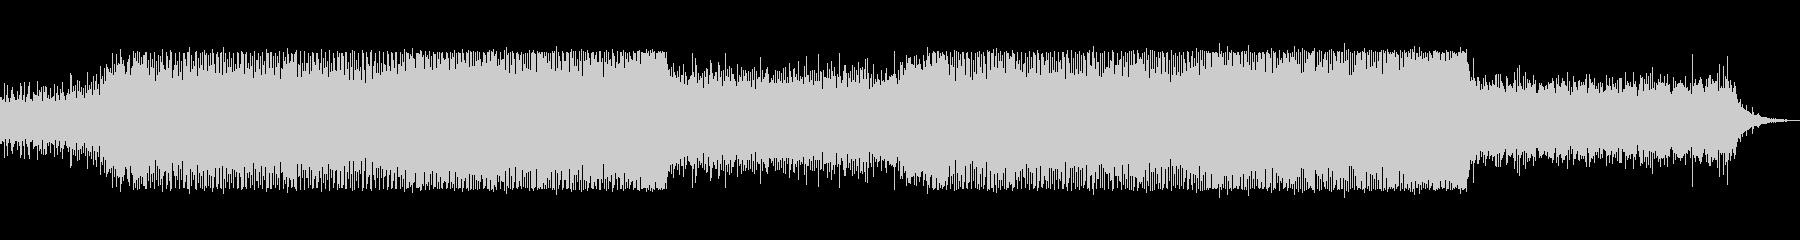 bpm133シンプルで地味なテクノの未再生の波形